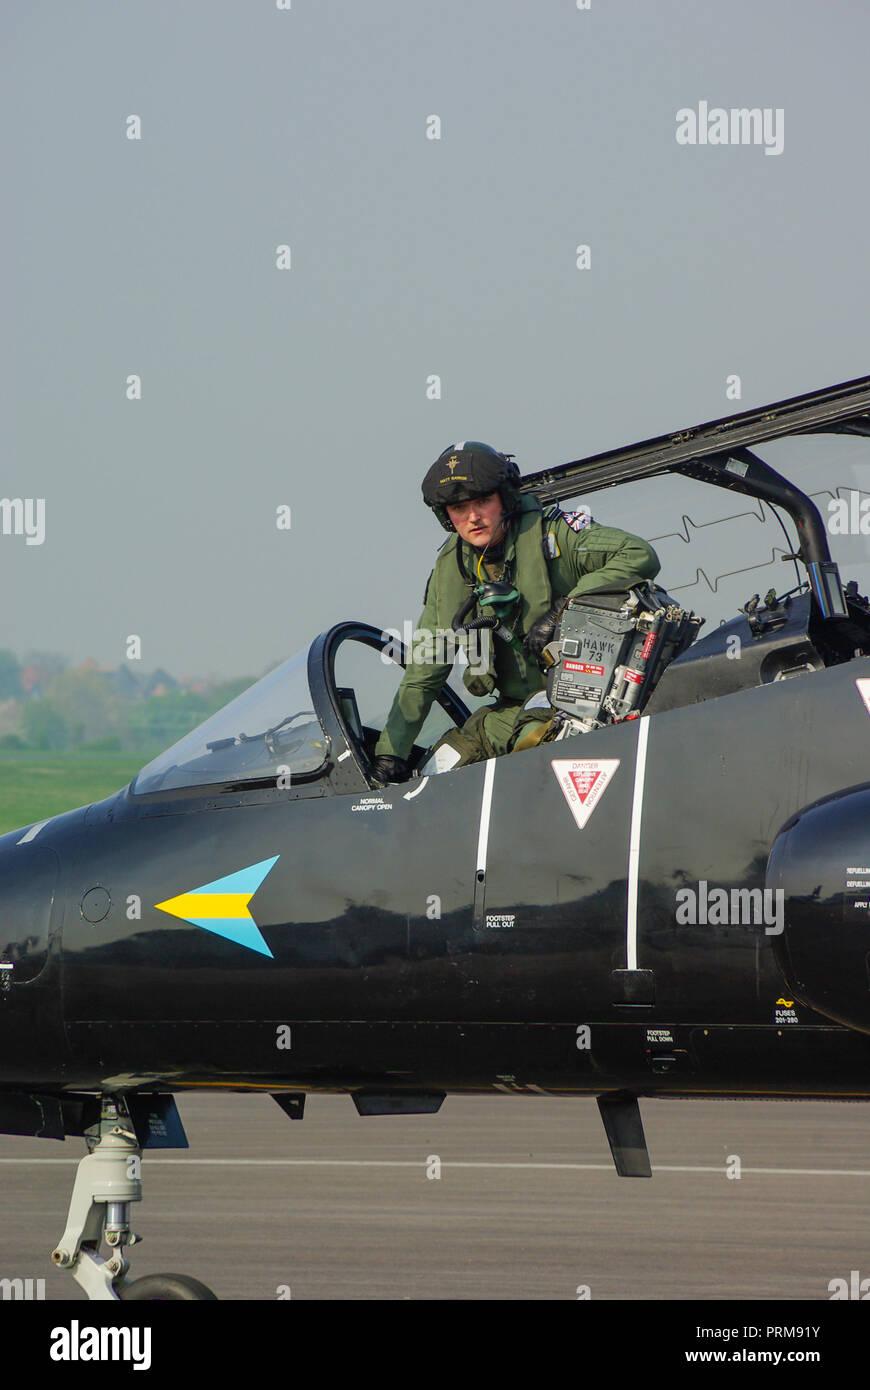 Pilot Cockpit Climbing Stock Photos & Pilot Cockpit Climbing